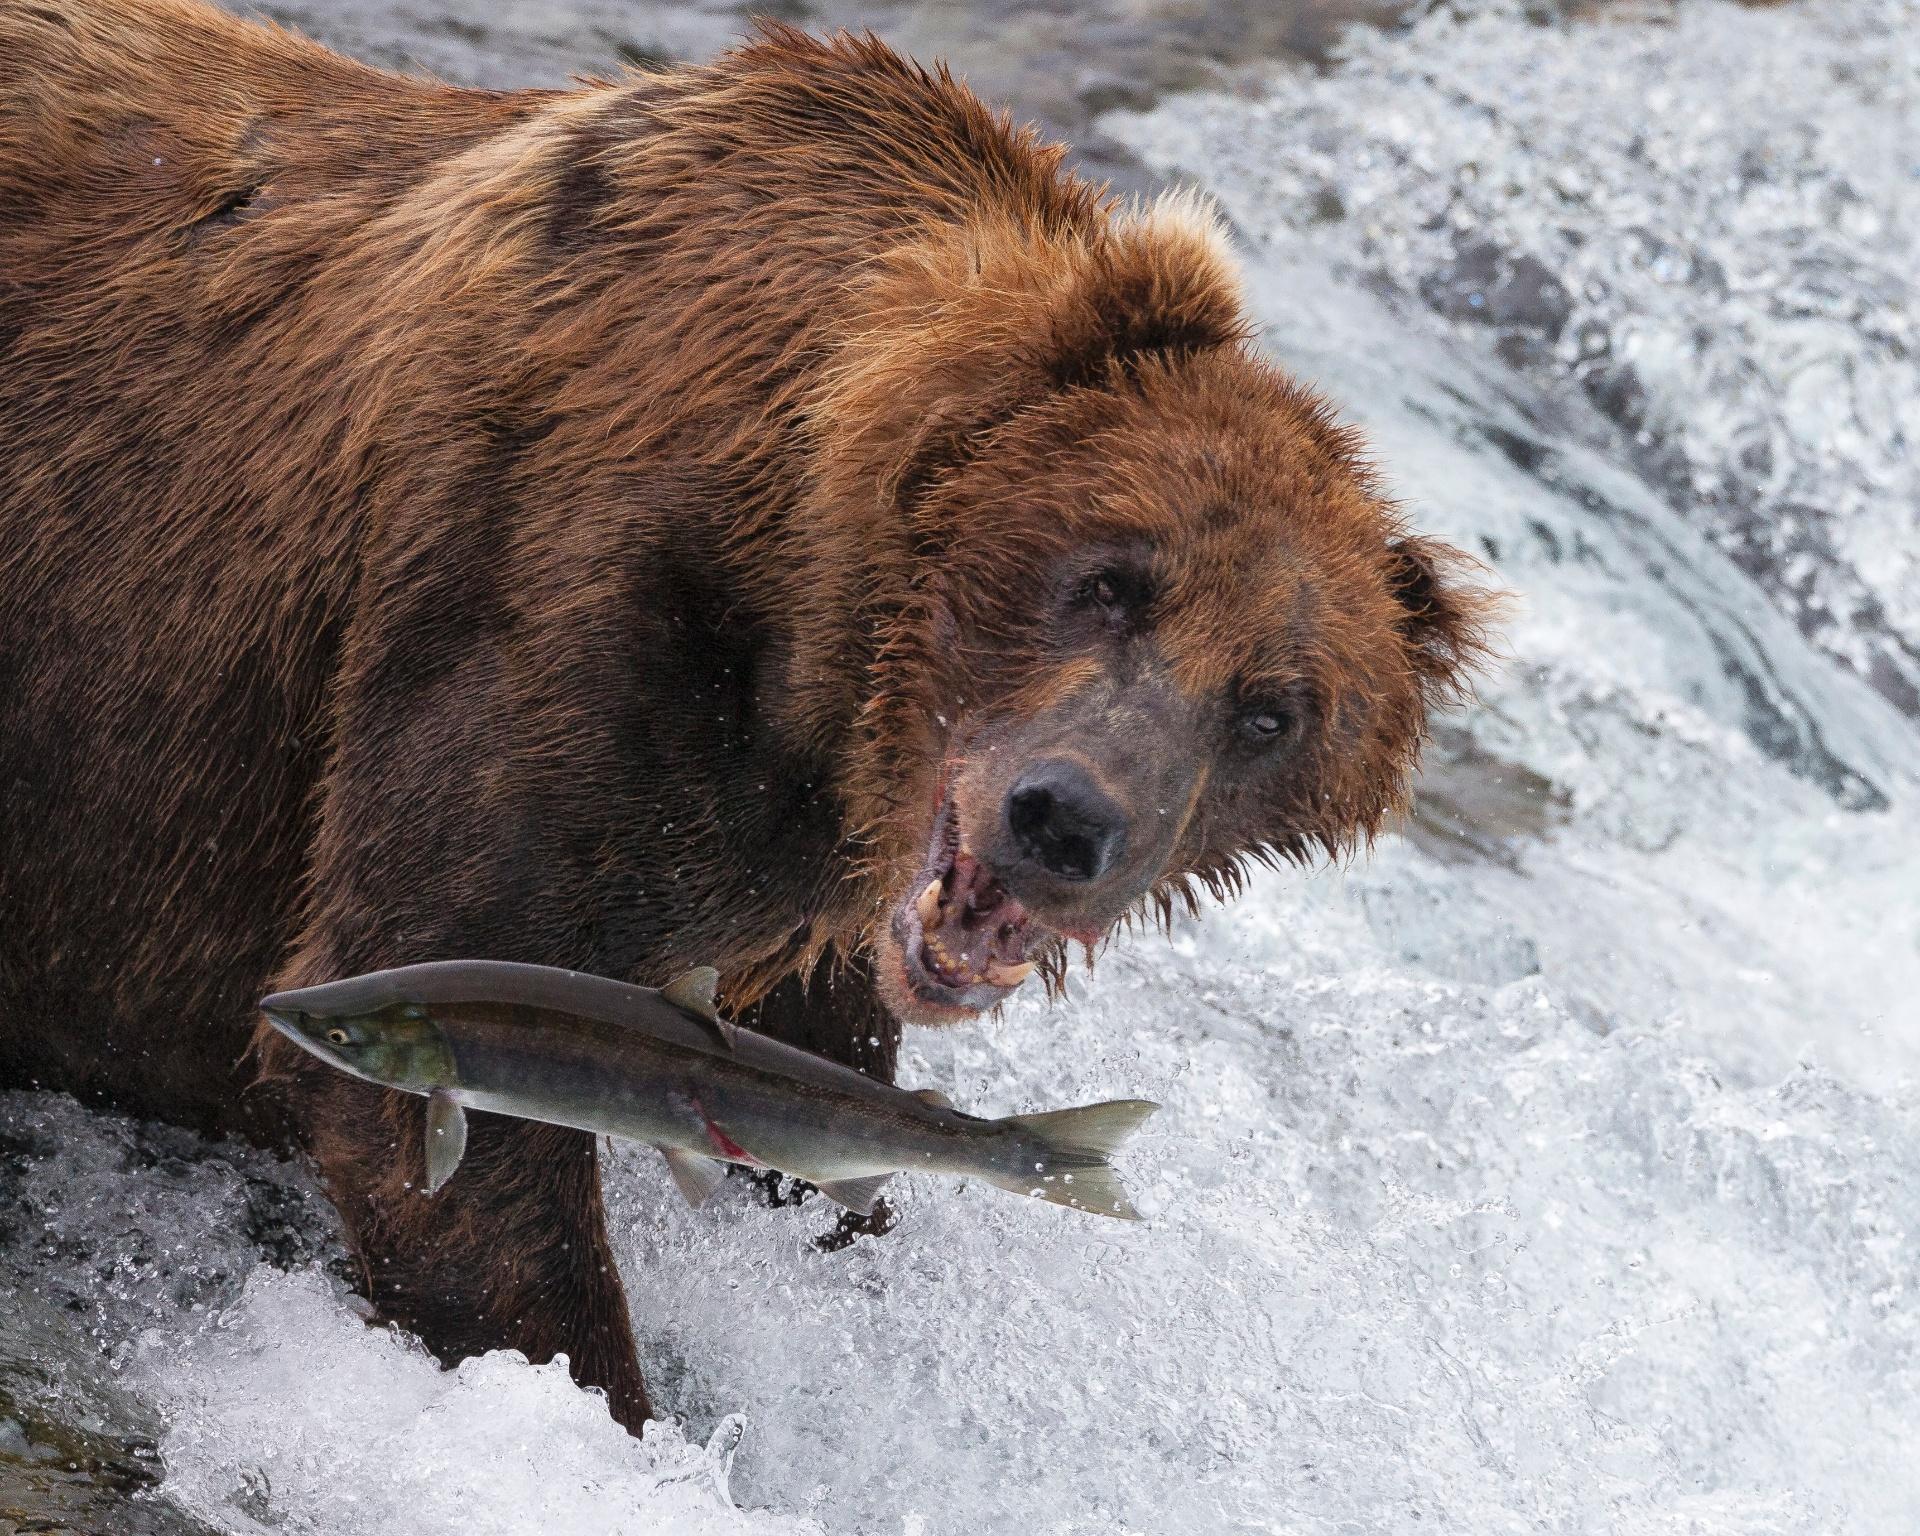 URSO FAMINTO - Um urso marrom (Ursus arctos) observa faminto o salto de um salmão-vermelho (Oncorhynchus nerka) no Alasca, EUA